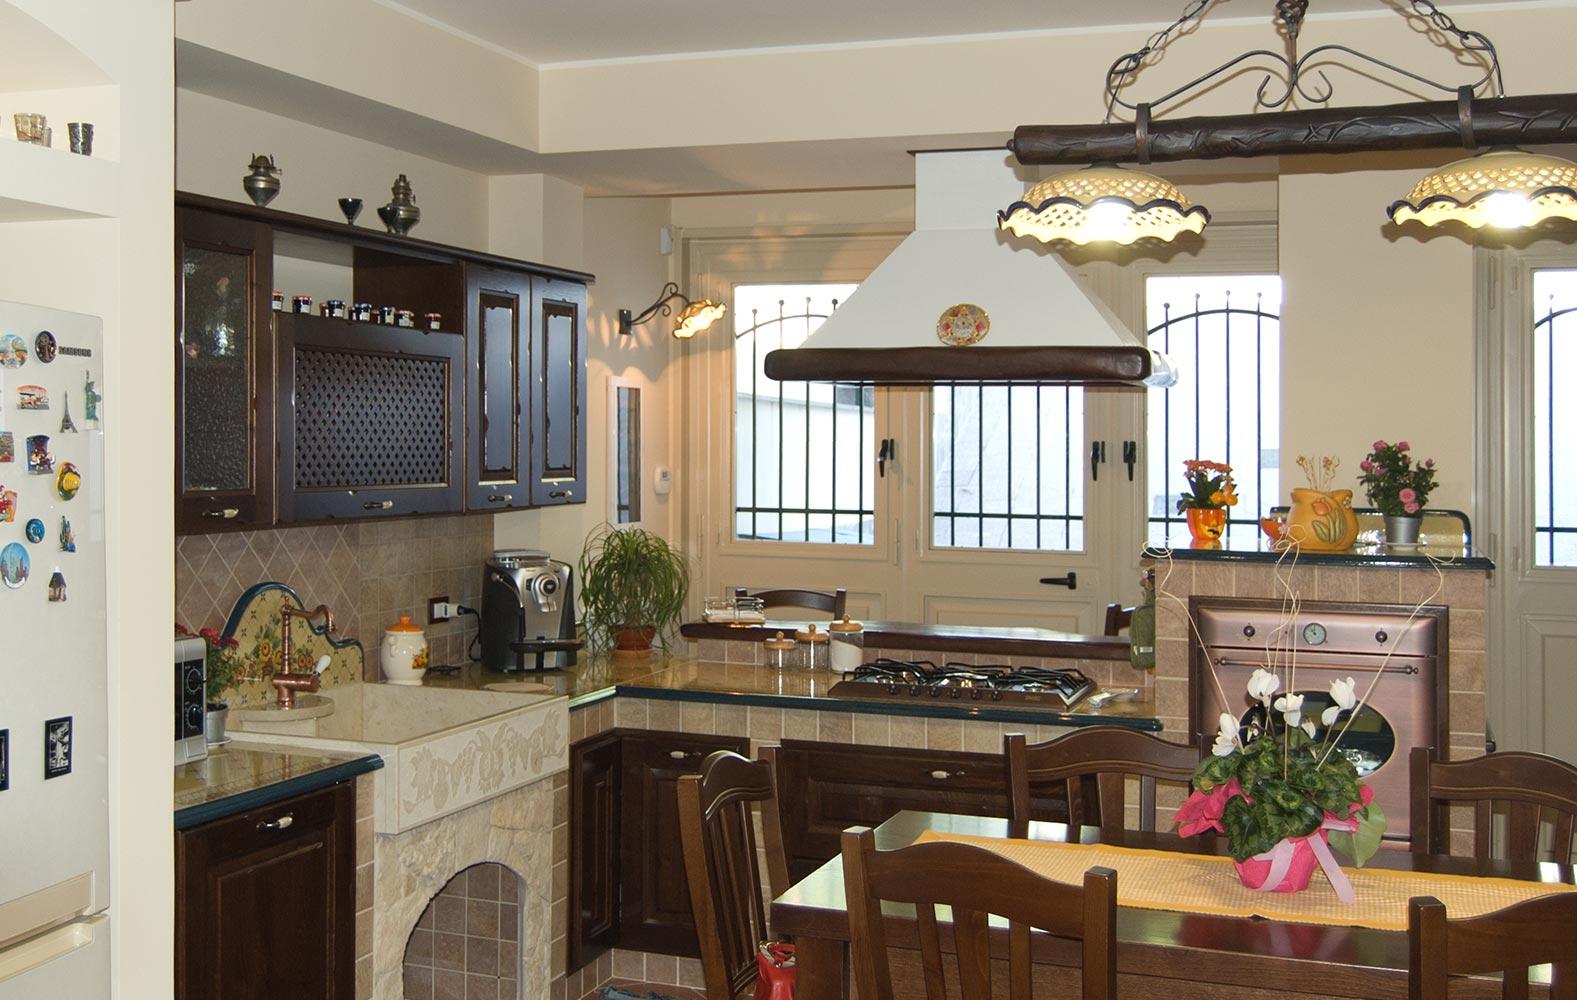 Cucine borgo antico in legno massello realizzate su misura - Arte sole cucine ...